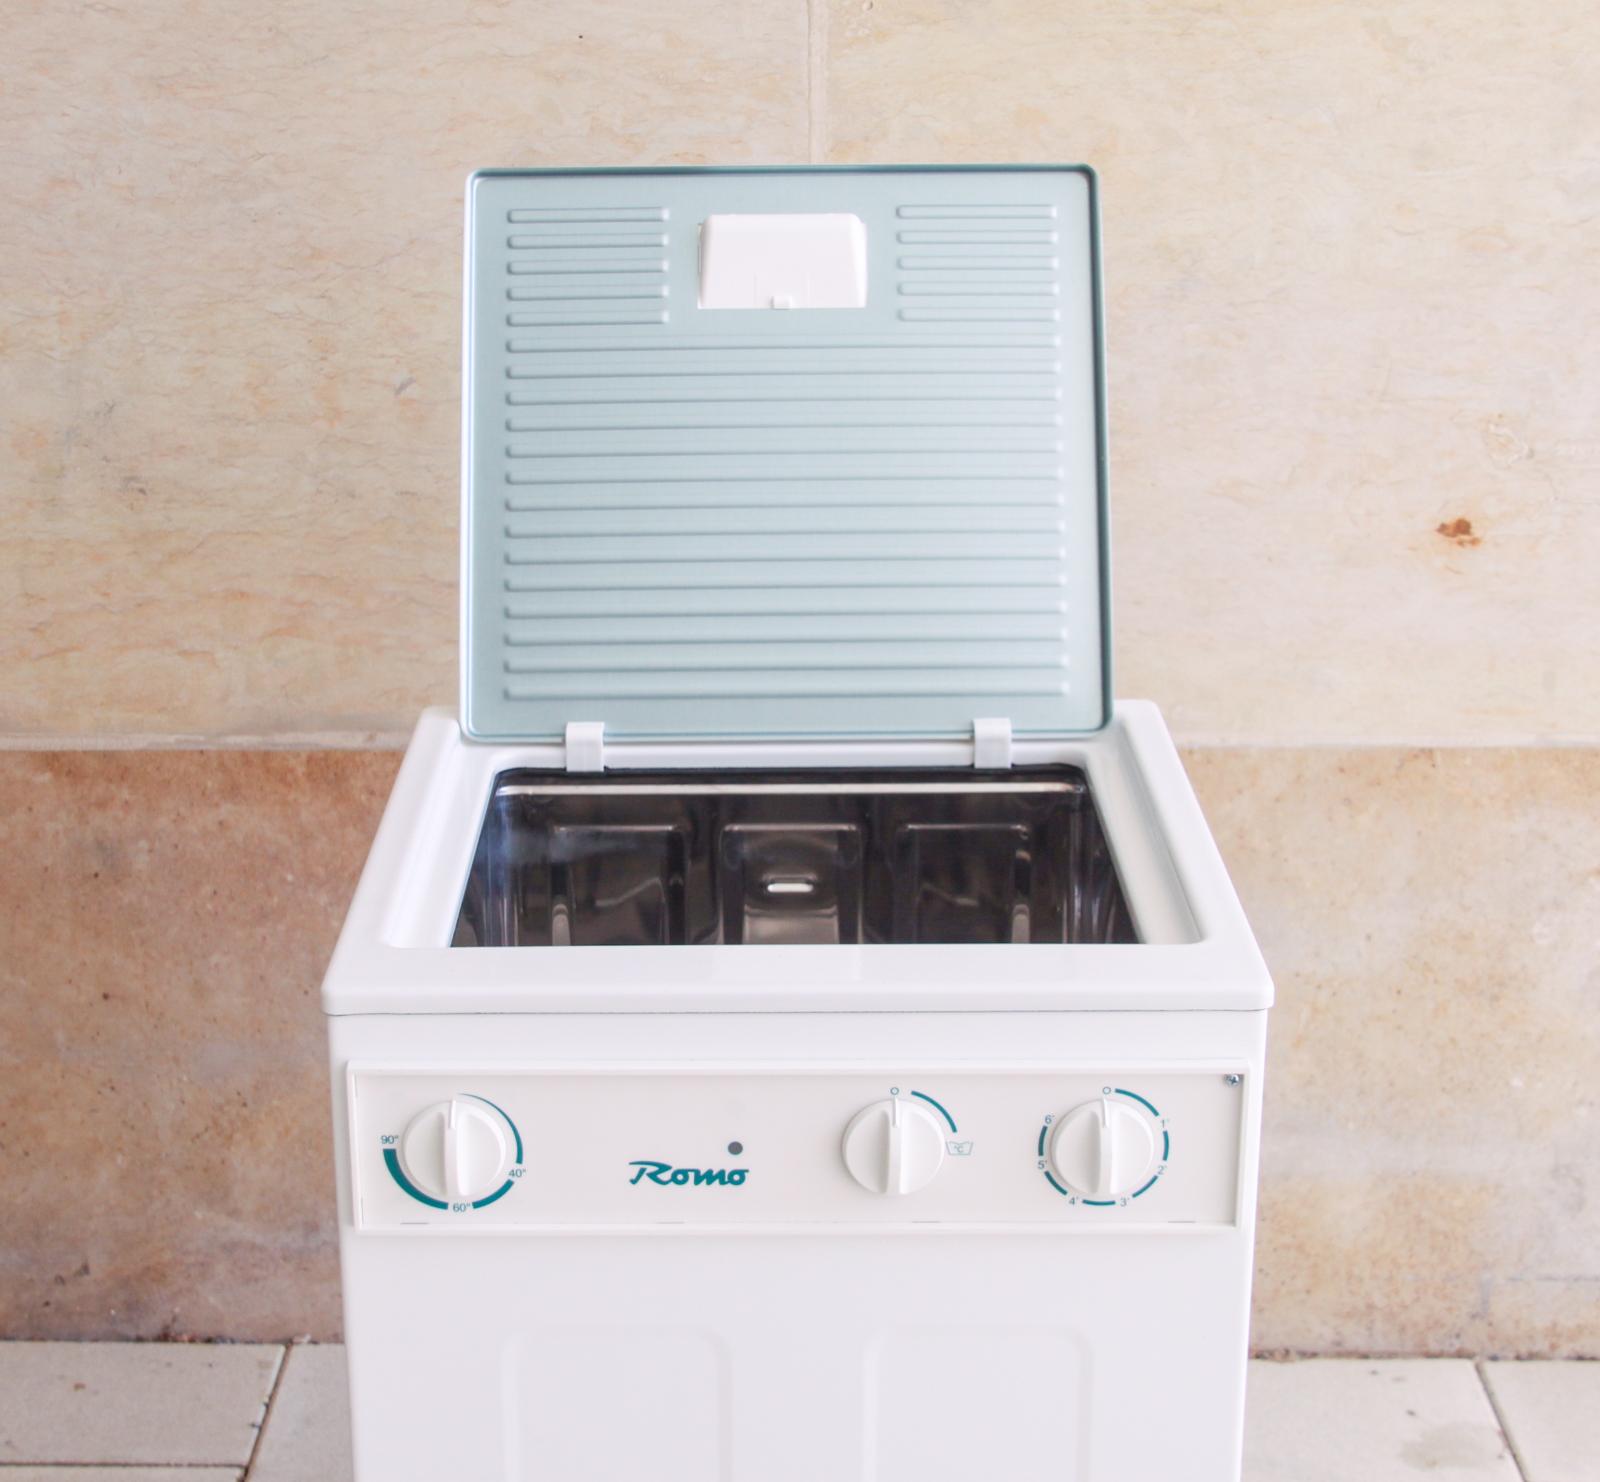 waschmaschine ohne wasseranschluss waschmaschine drumi funktioniert ohne strom und. Black Bedroom Furniture Sets. Home Design Ideas